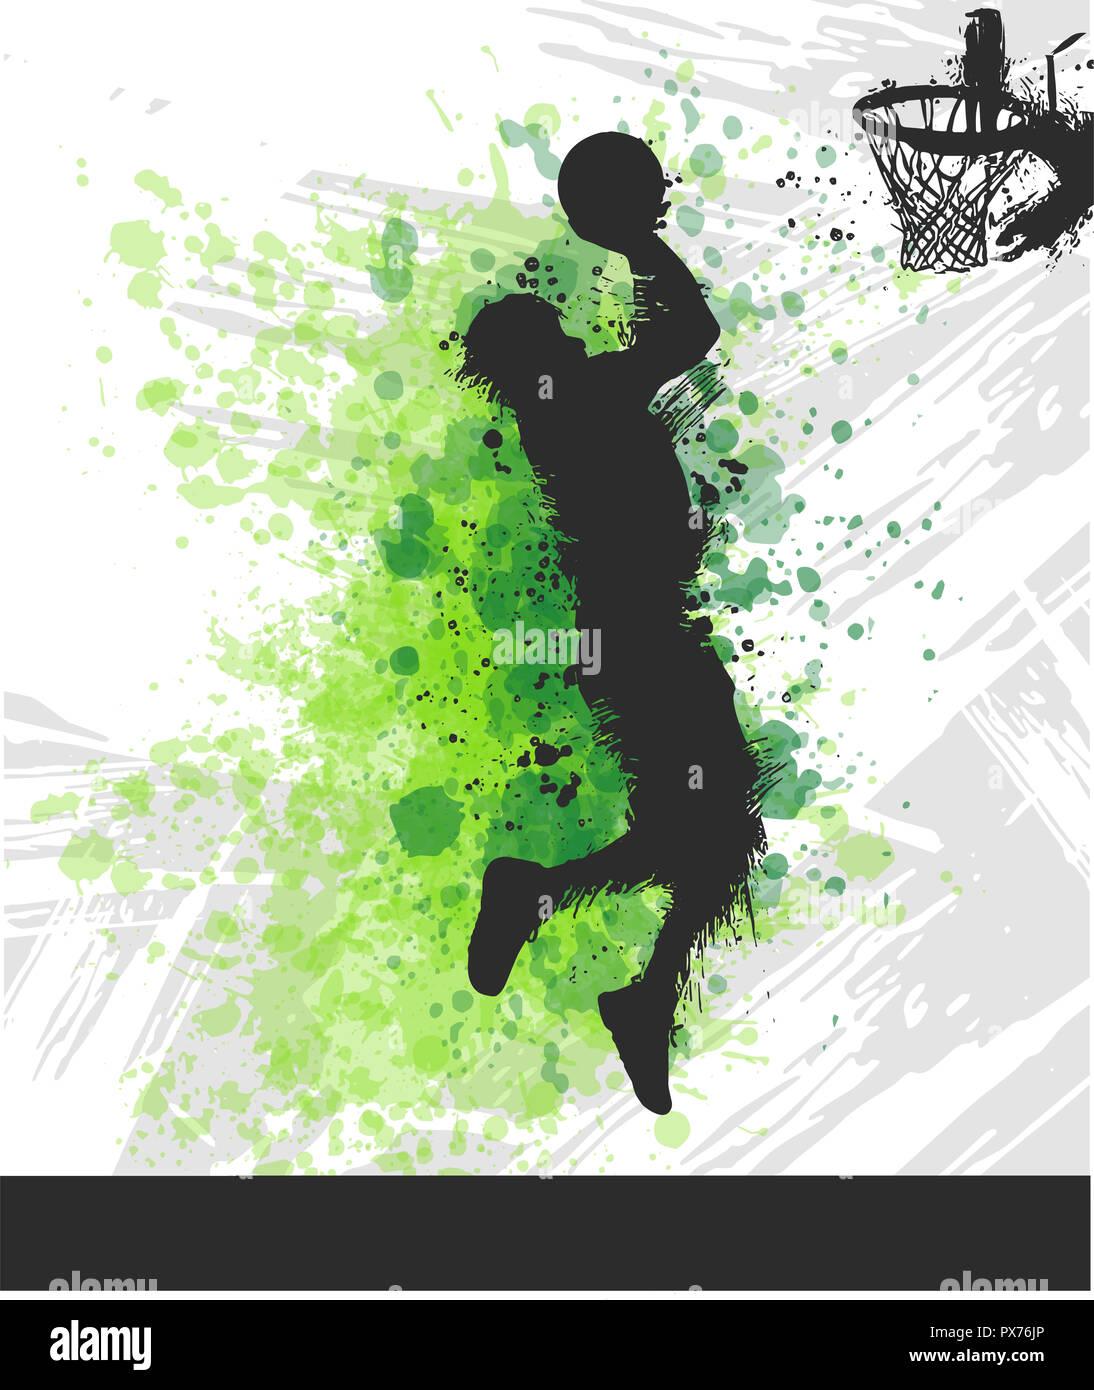 Illustration numérique peinture d'un joueur de basket-ball Photo Stock